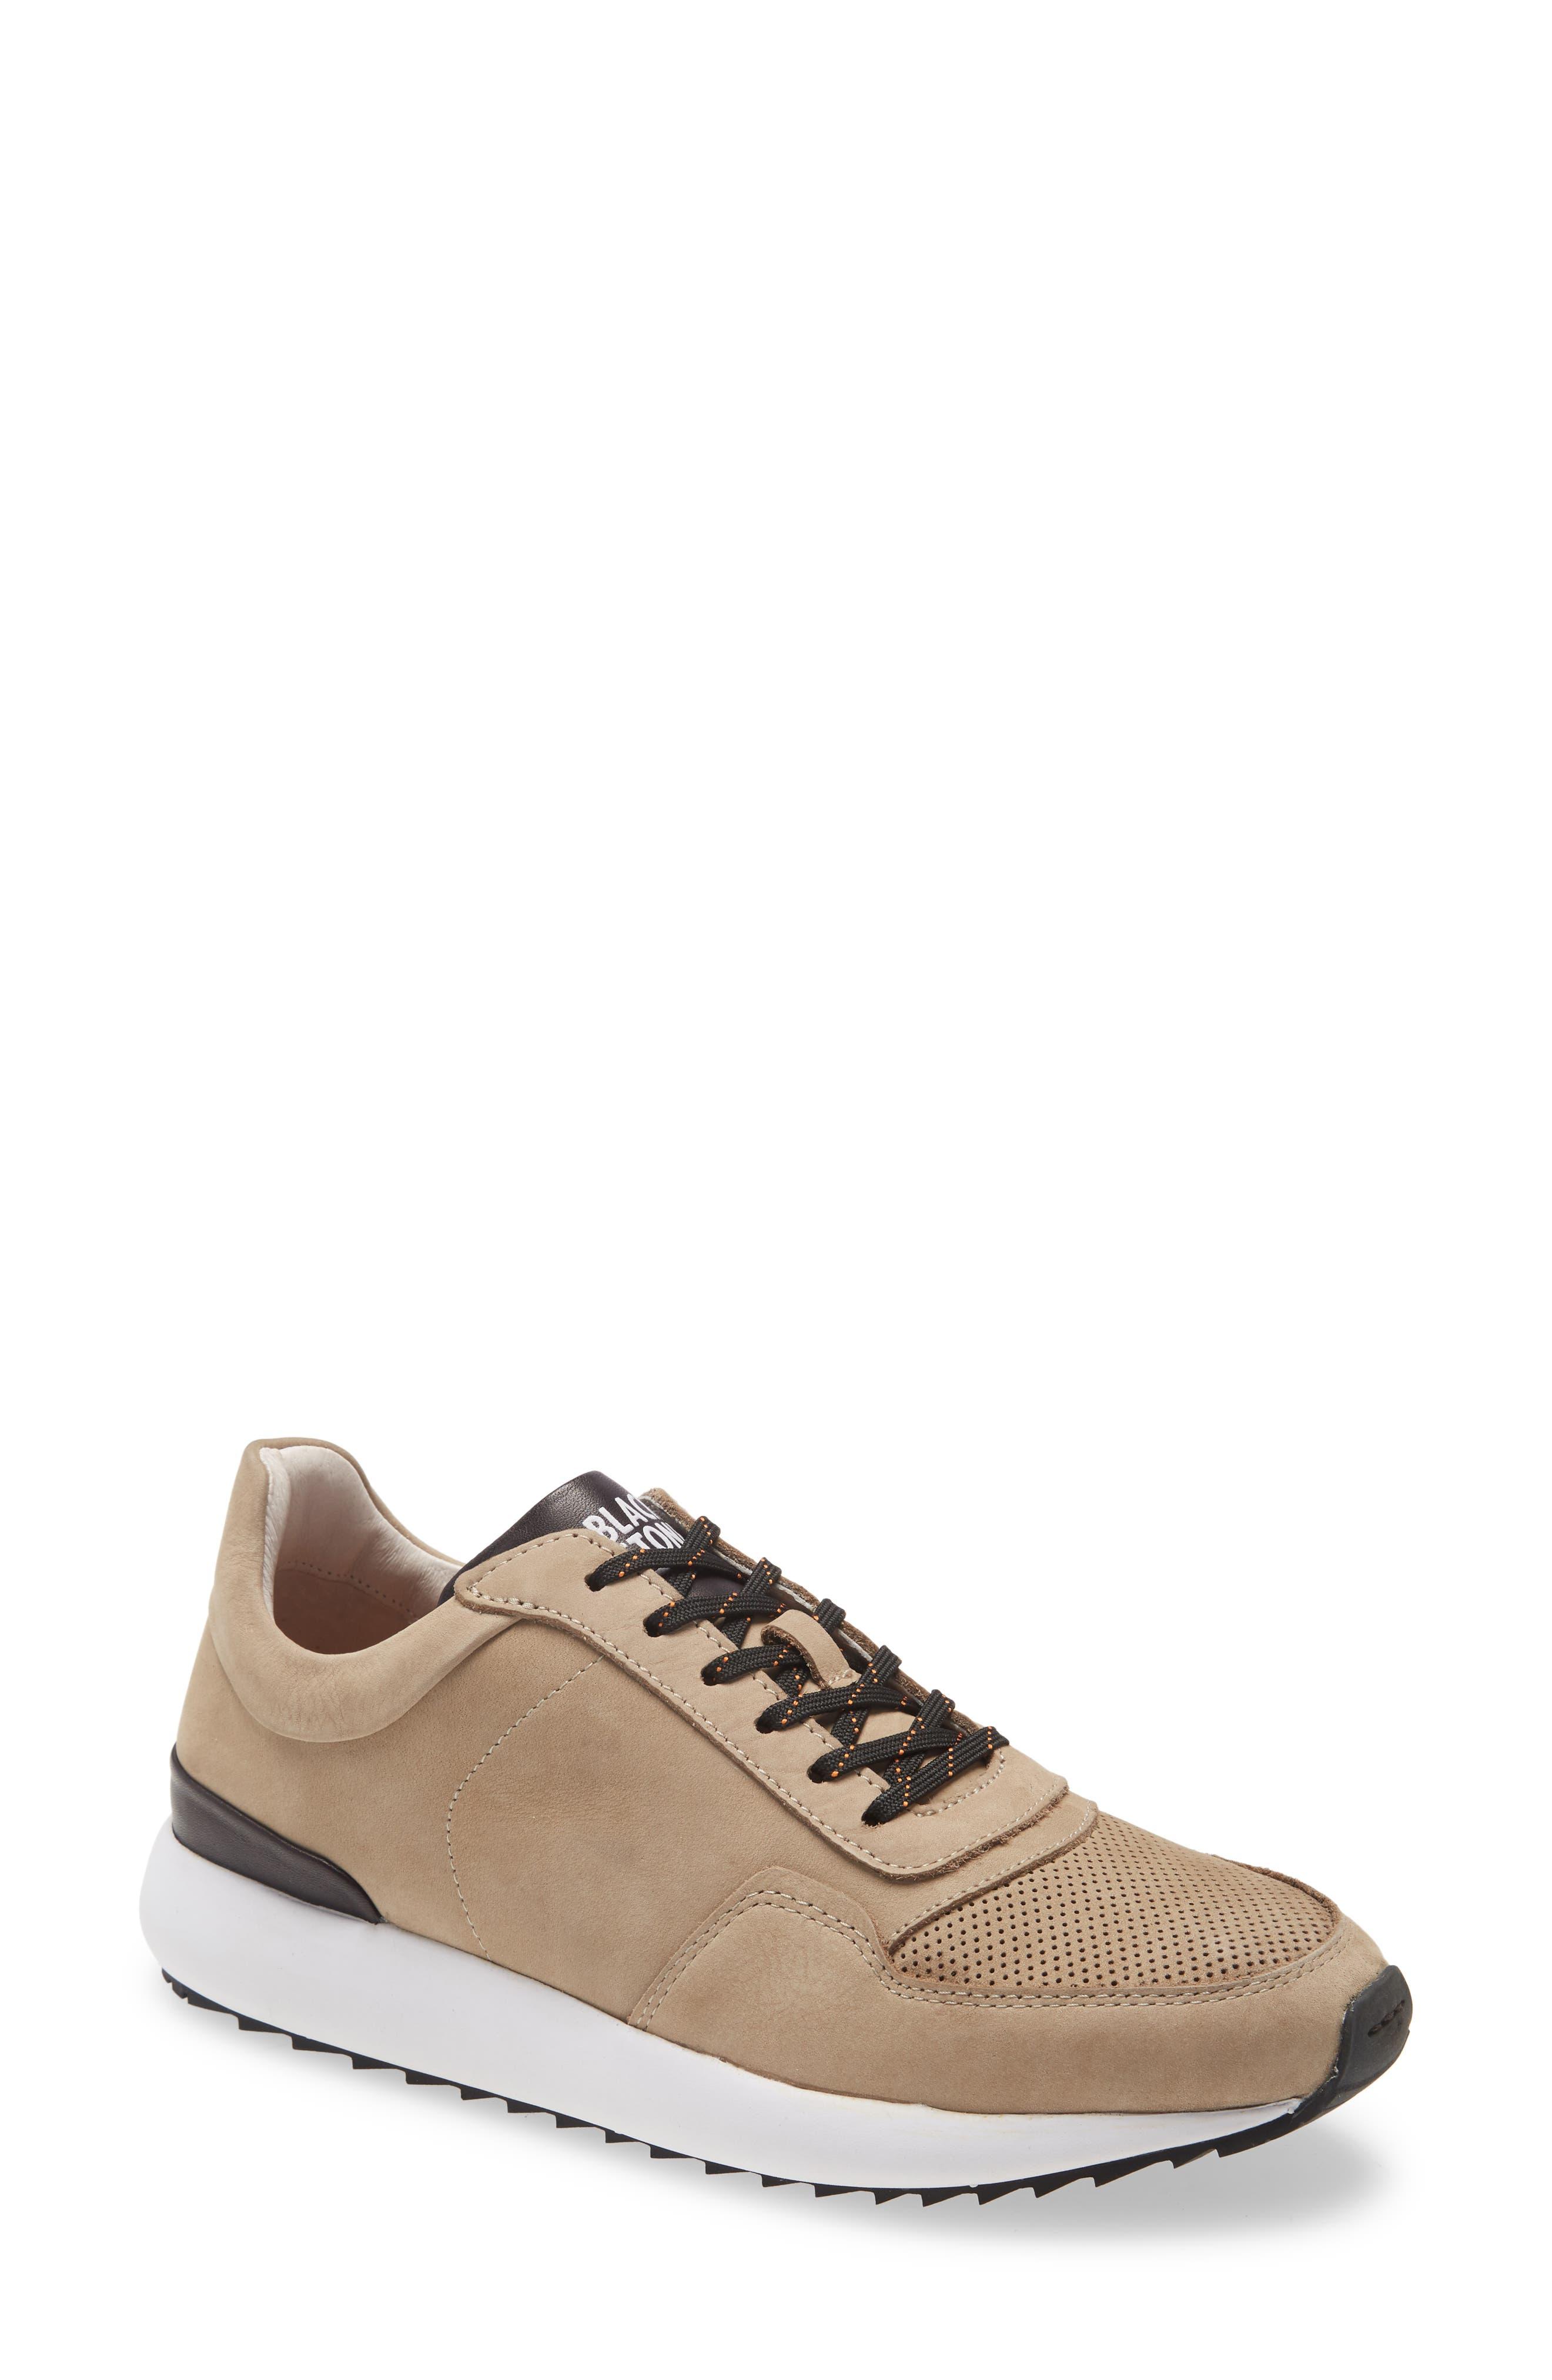 Tg02 Low Top Sneaker